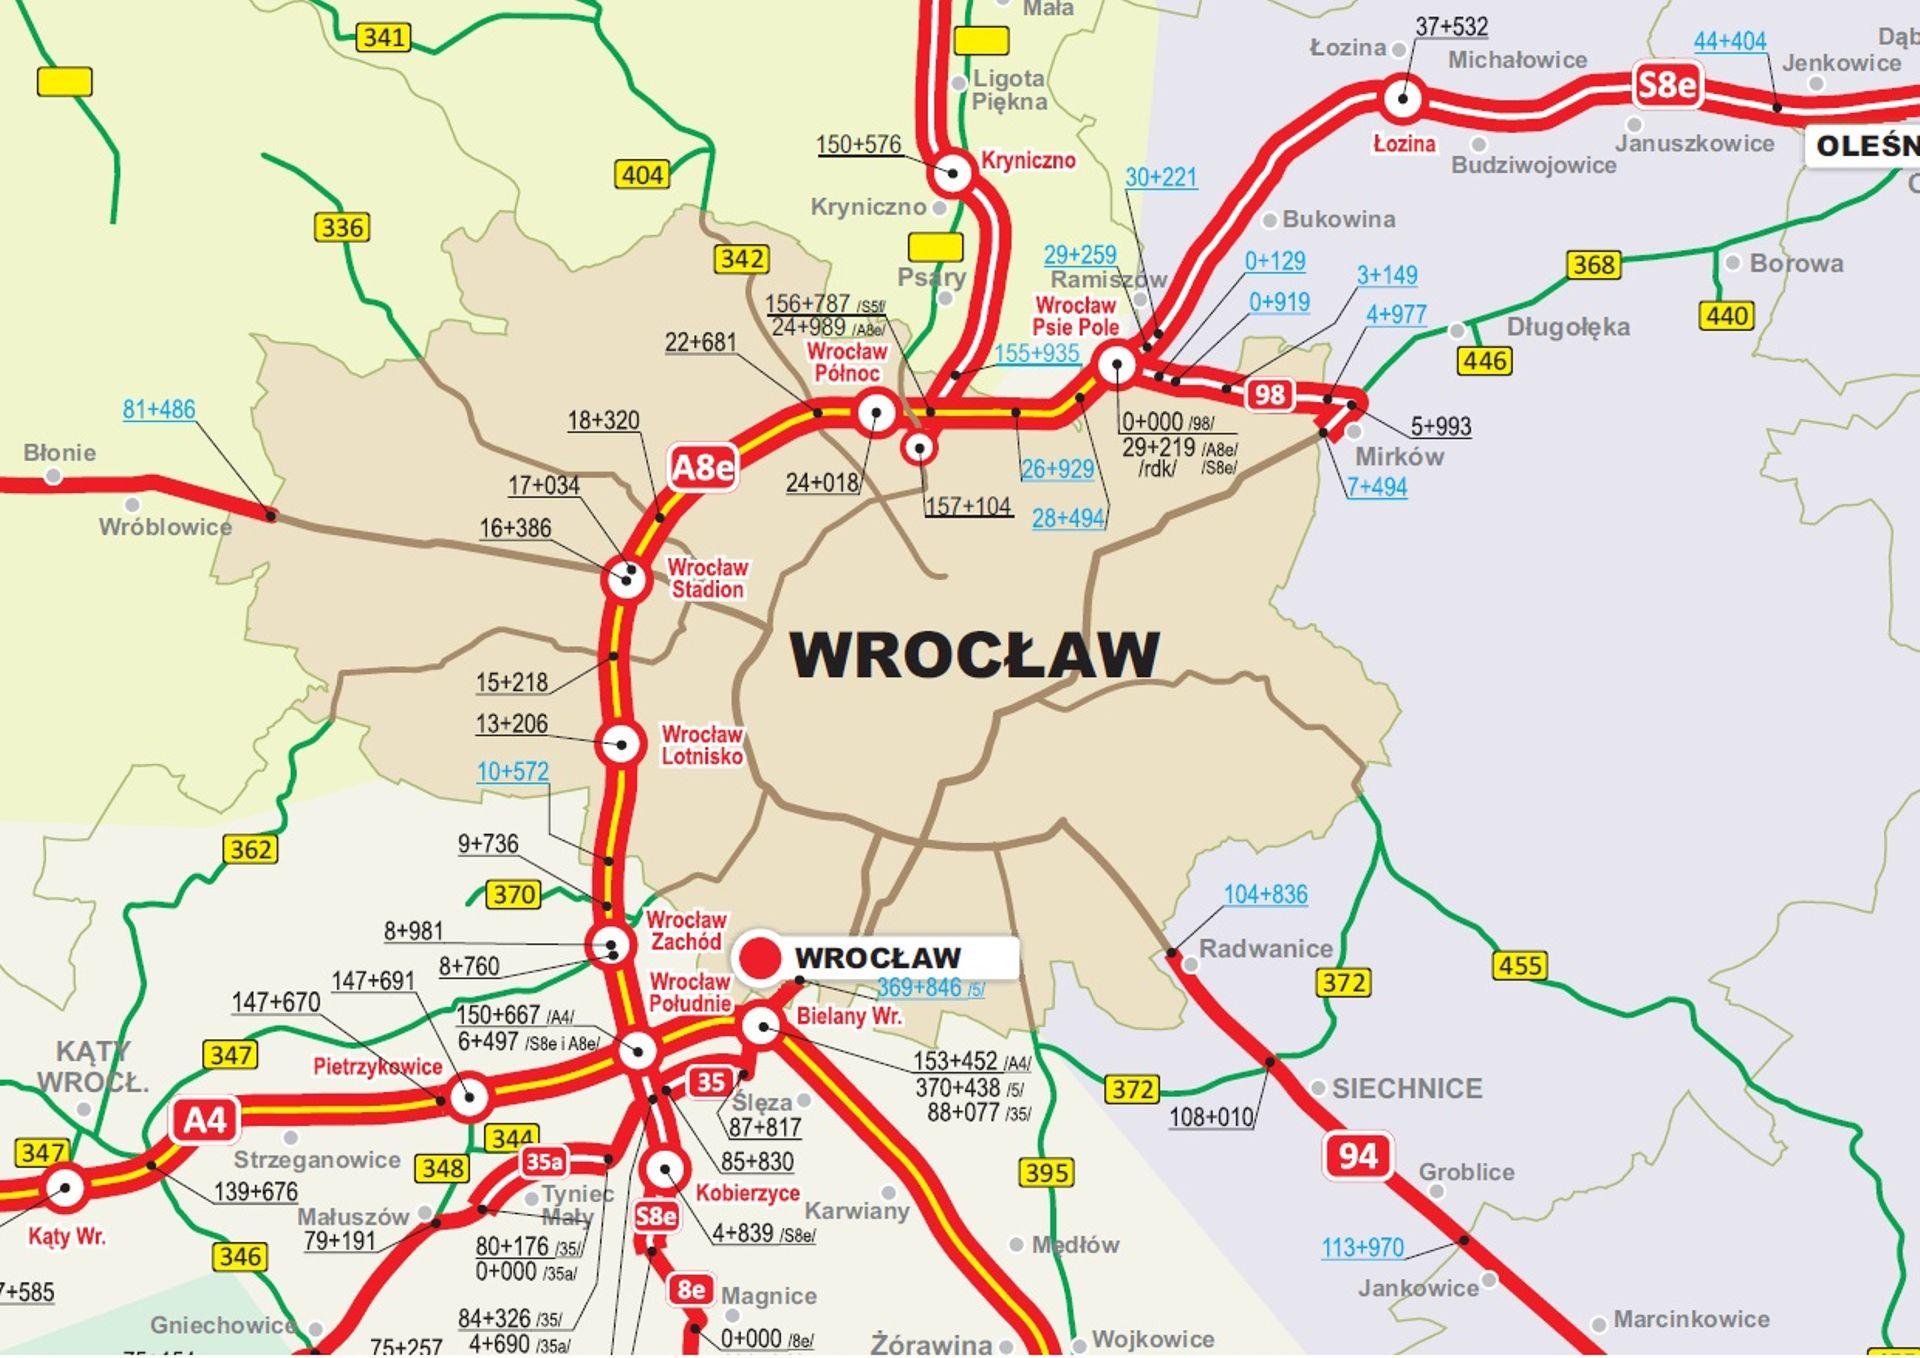 Jazda Autostradową Obwodnicą Wrocławia i autostradą A4 będzie bezpieczniejsza i wygodniejsza